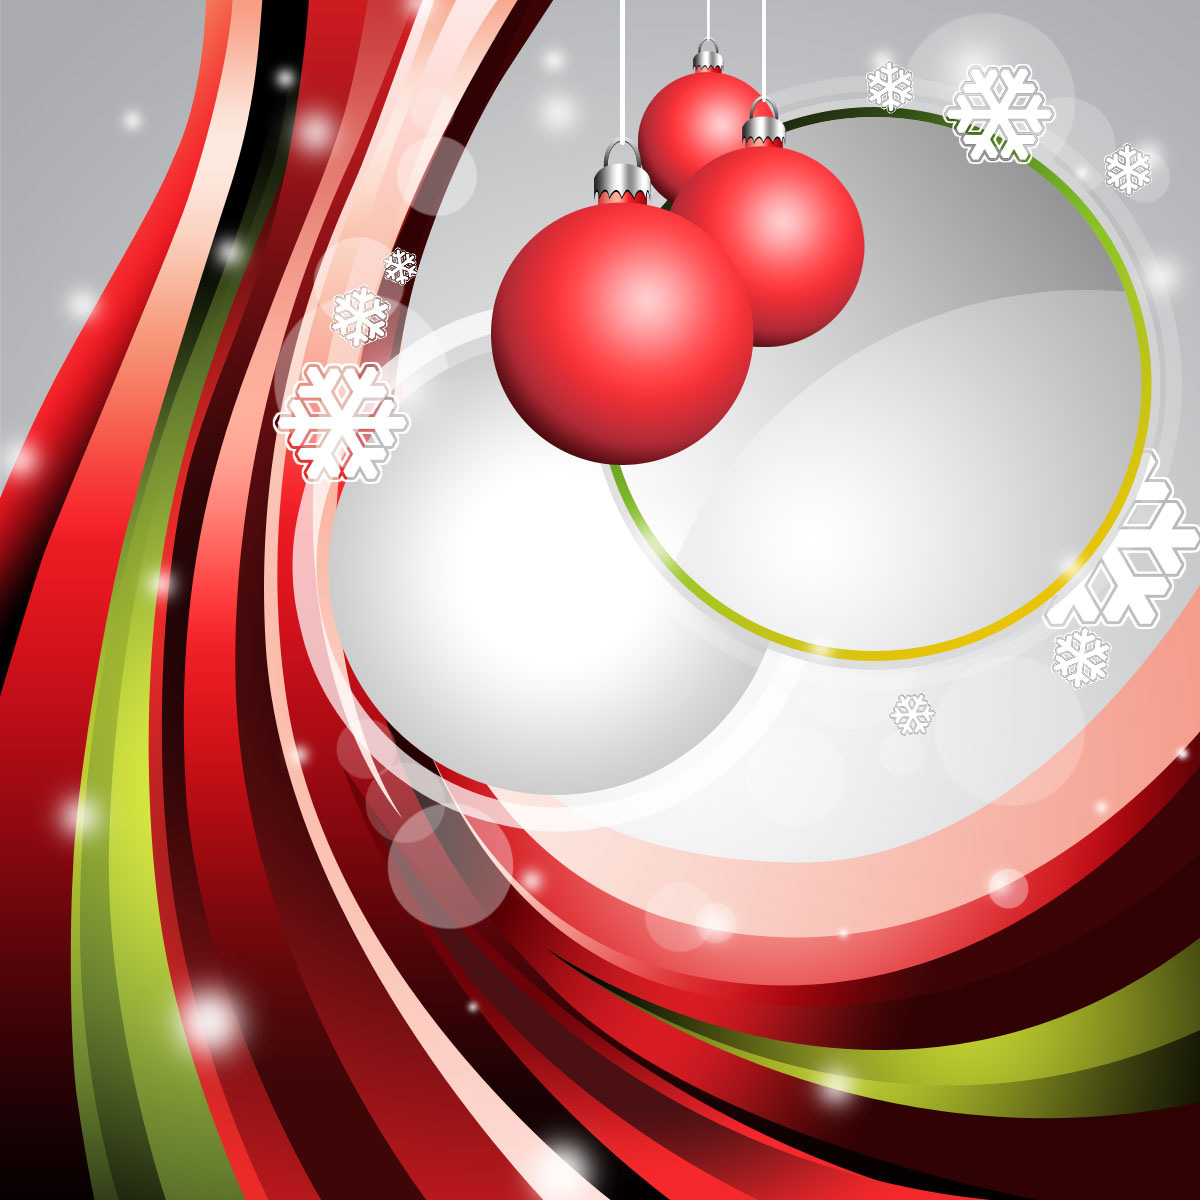 Новогодние рамки. Яркая новогодняя рамка на два портрета идеально подойдёт на все случаи жизни. Если Вы хотите поздравить с Новым годом любимое начальство или сделать небольшой сюрприз своей второй половинке. Неважно. Новогодняя рамка для фото с яркими принтами, узорными снежинками и ёлочными украшениями поможет Вам произвести неизгладимое впечатление и заслужить искреннюю благодарность.